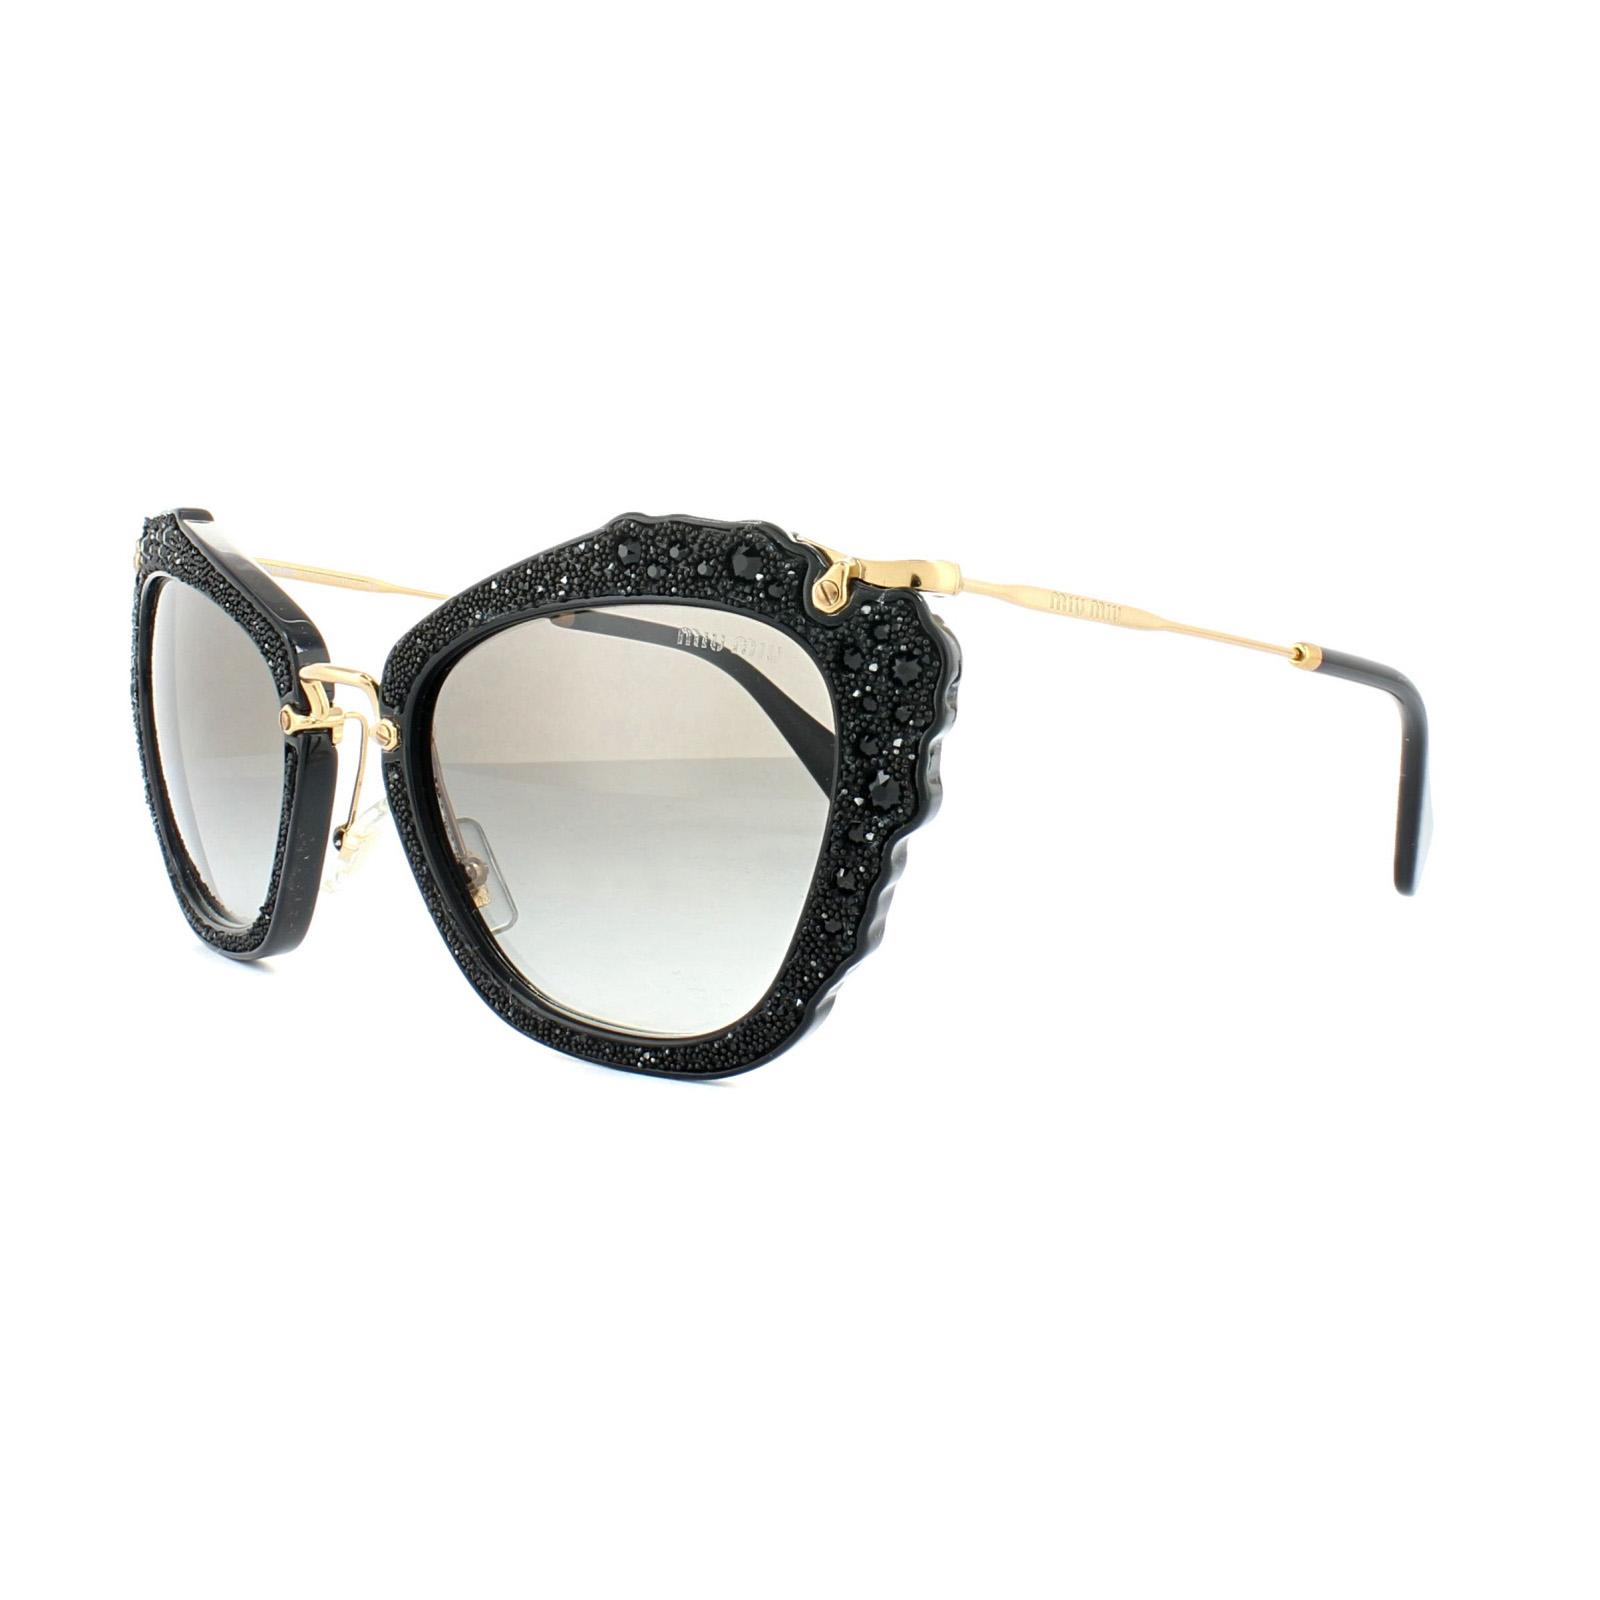 6ca36f756b Cheap Miu Miu 04QS Sunglasses - Discounted Sunglasses